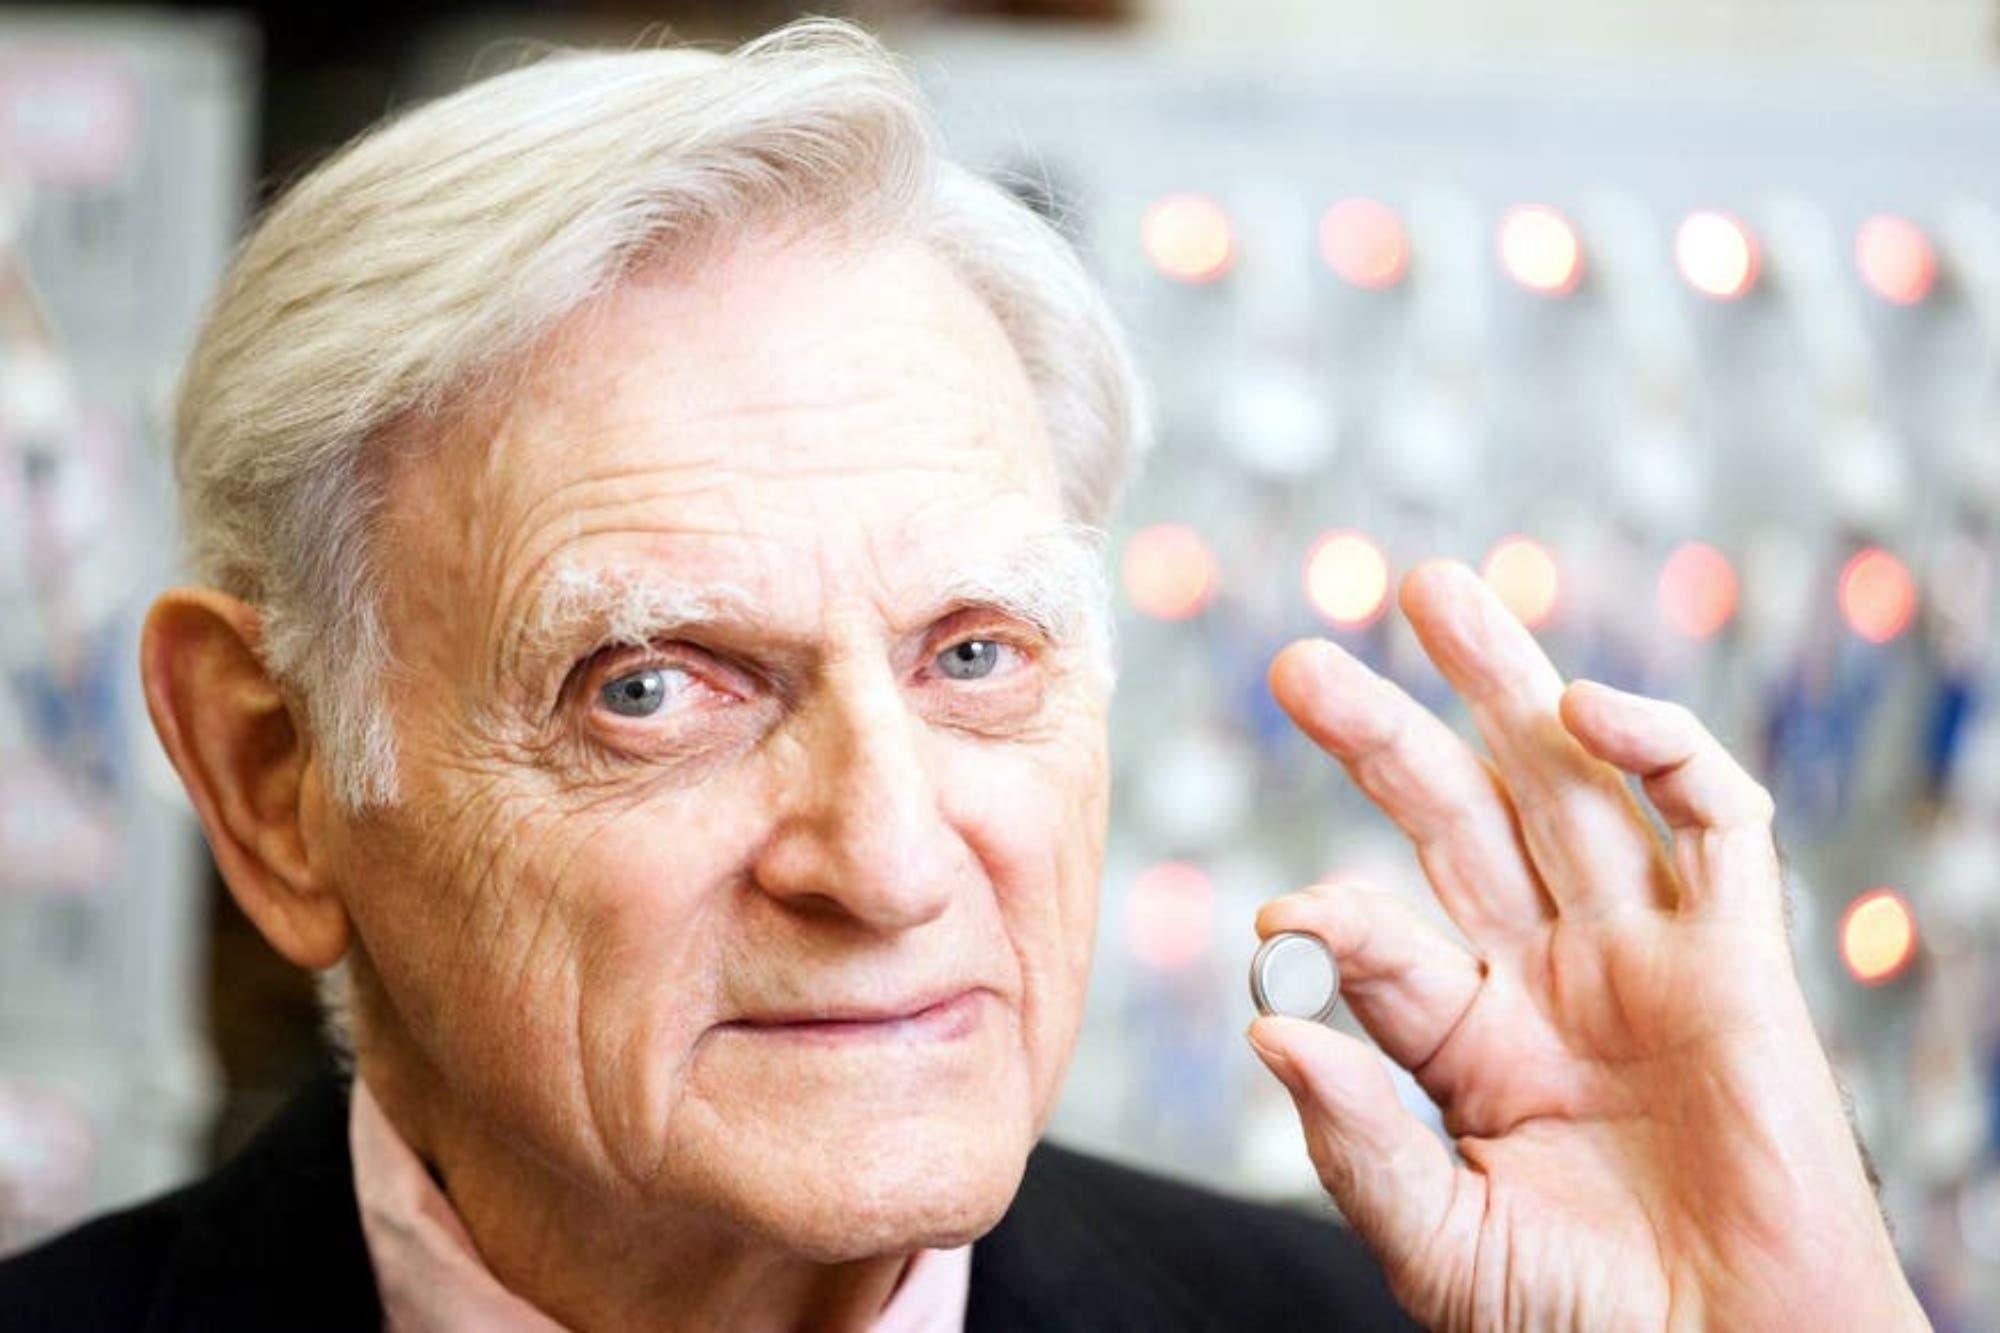 Habla el inventor de la batería que está en todos los celulares (aunque no tiene teléfono)